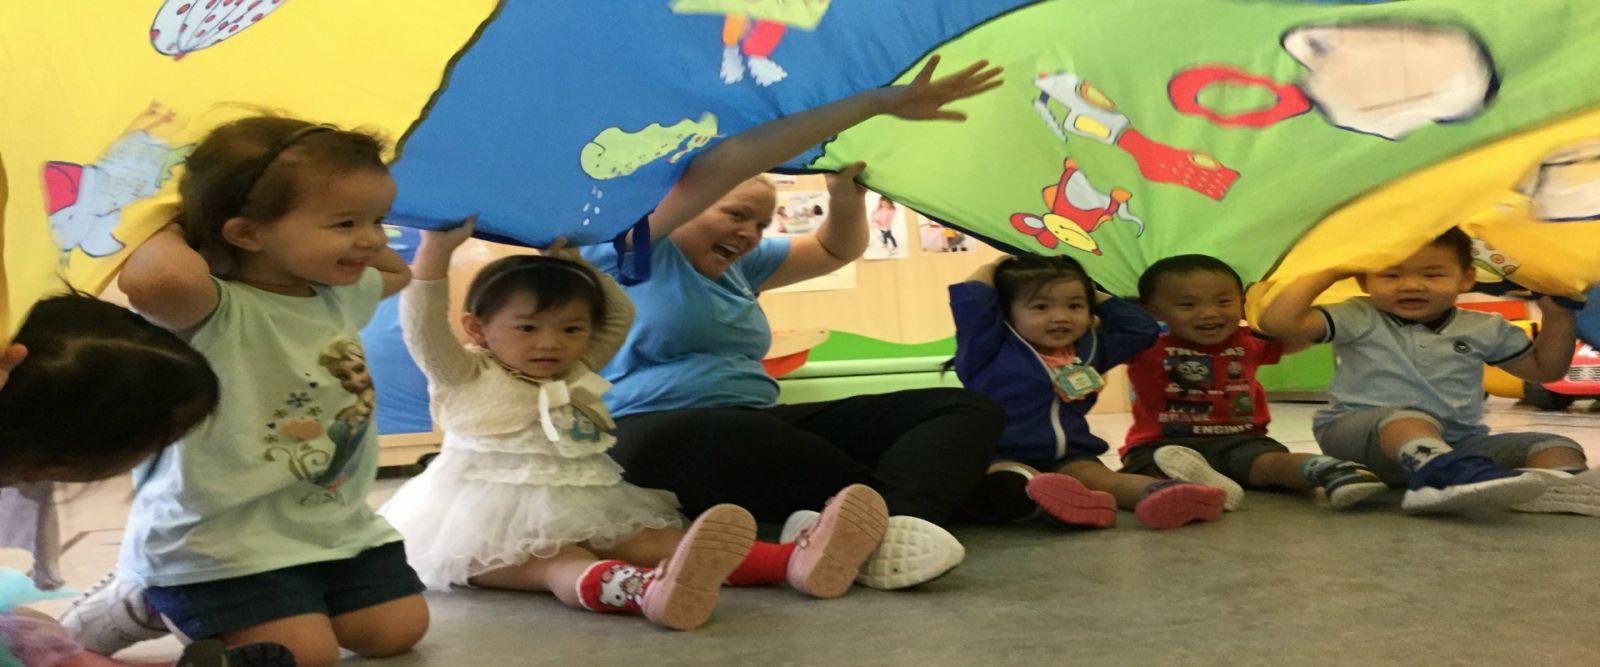 Middle Kornhill | Victoria Kindergarten, Nursery, Infant & Toddler Programme